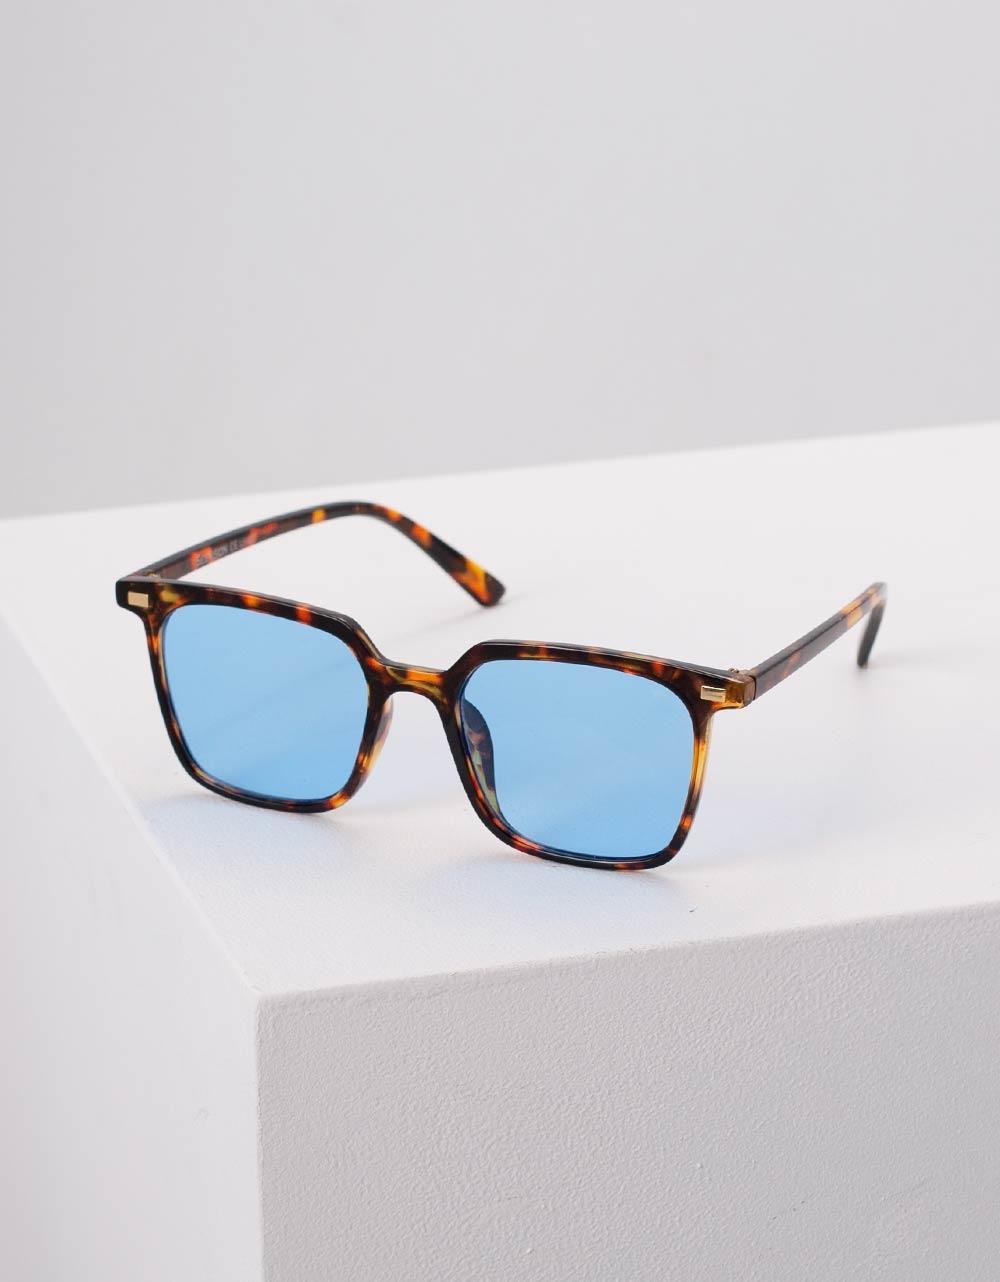 Εικόνα από Γυναικεία γυαλιά ηλίου με σκελετό λεοπάρ Μπλε